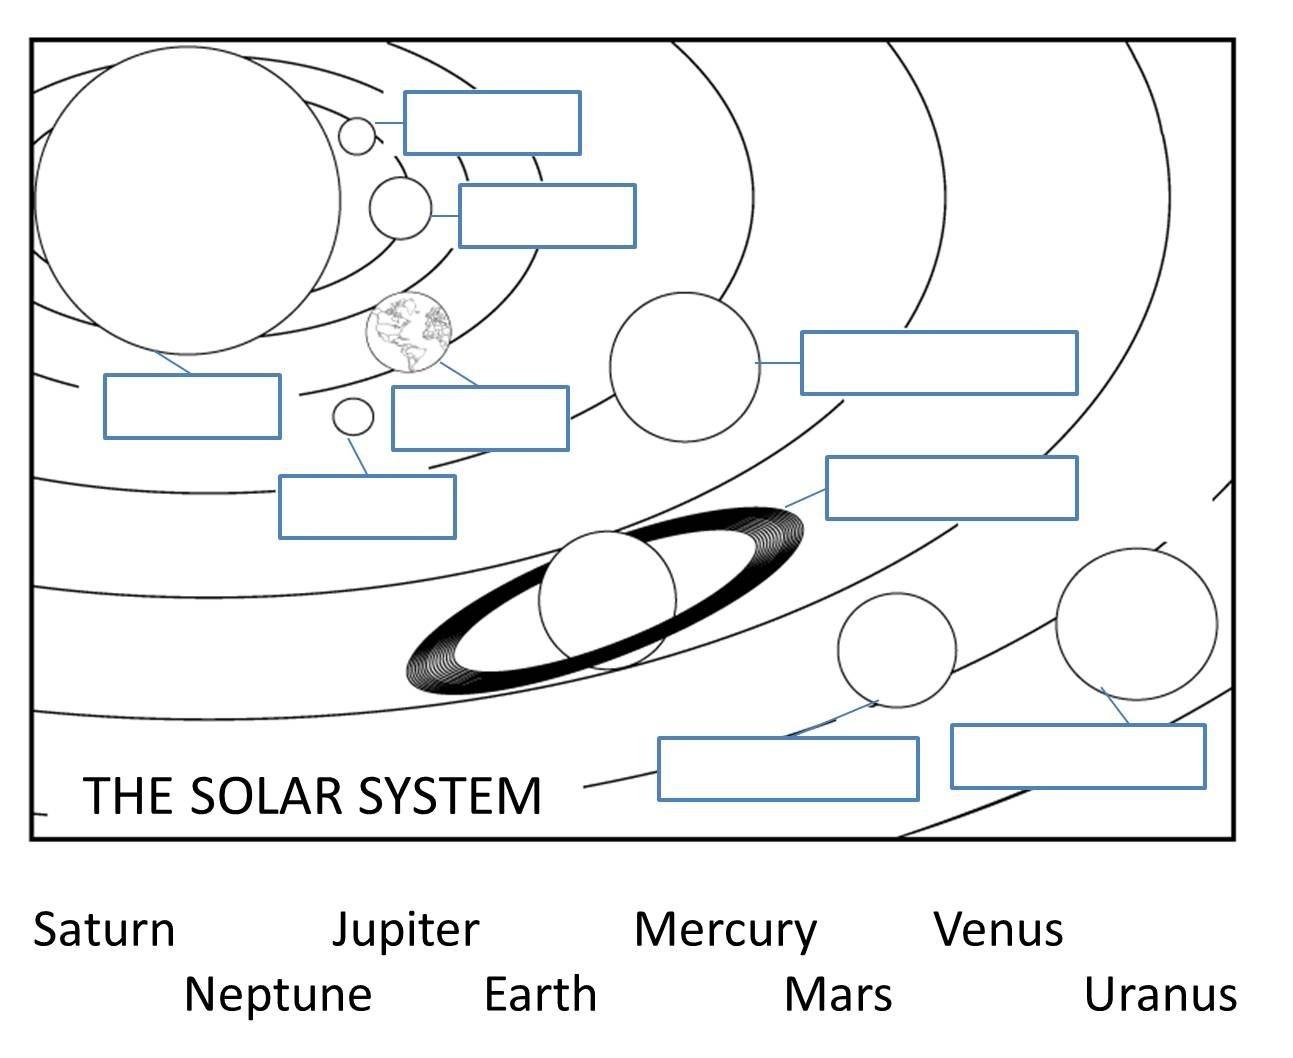 Pinlisa On H O Me S C H O O L I N G | Solar System Worksheets - Free Printable Solar System Worksheets